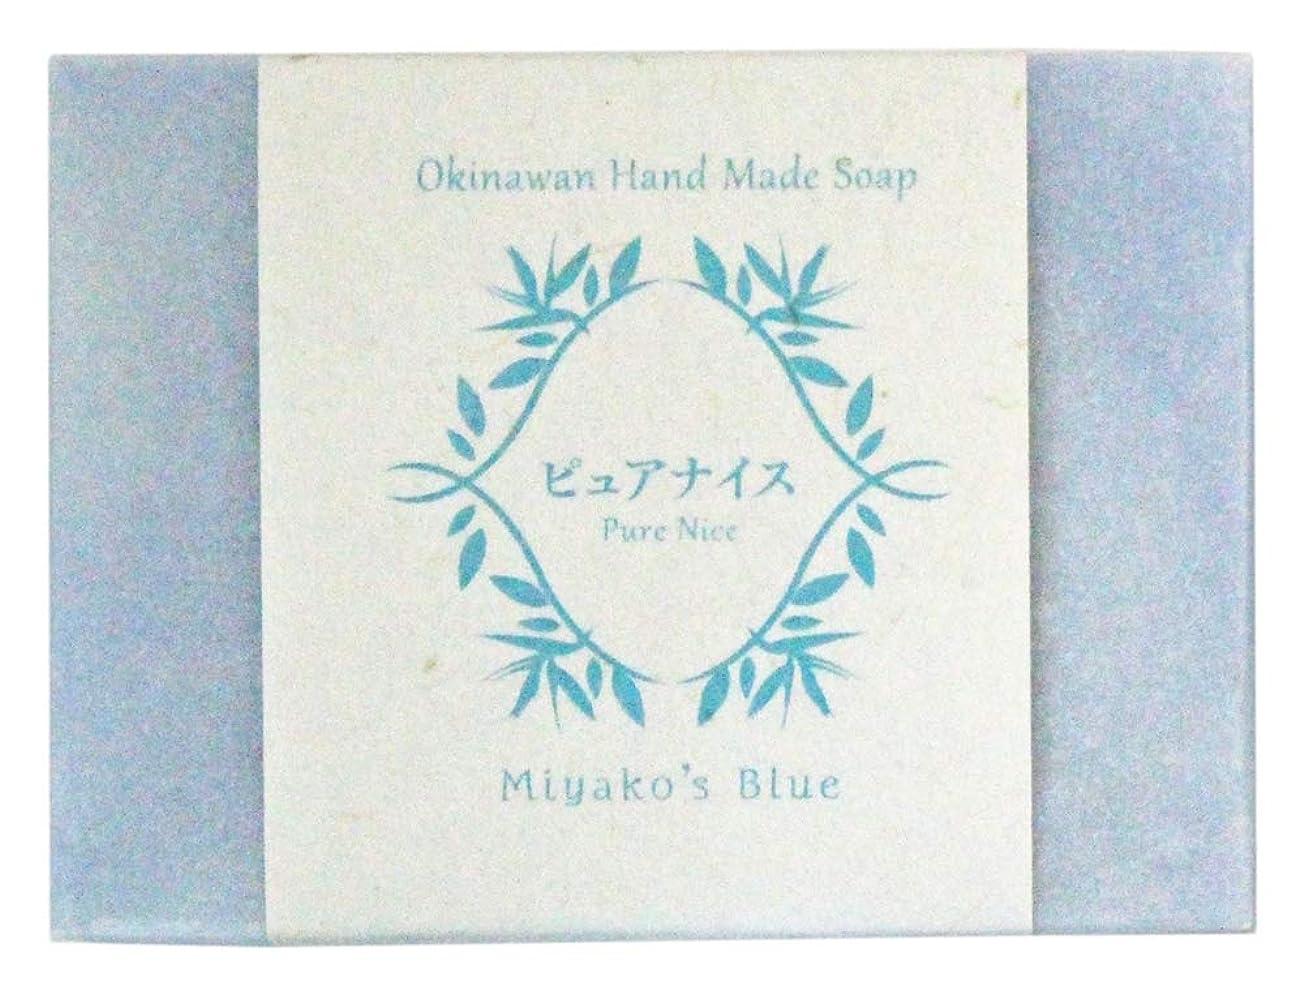 私たち自身繁栄する学ぶピュアナイス おきなわ素材石けん Mikako's Blue 100g